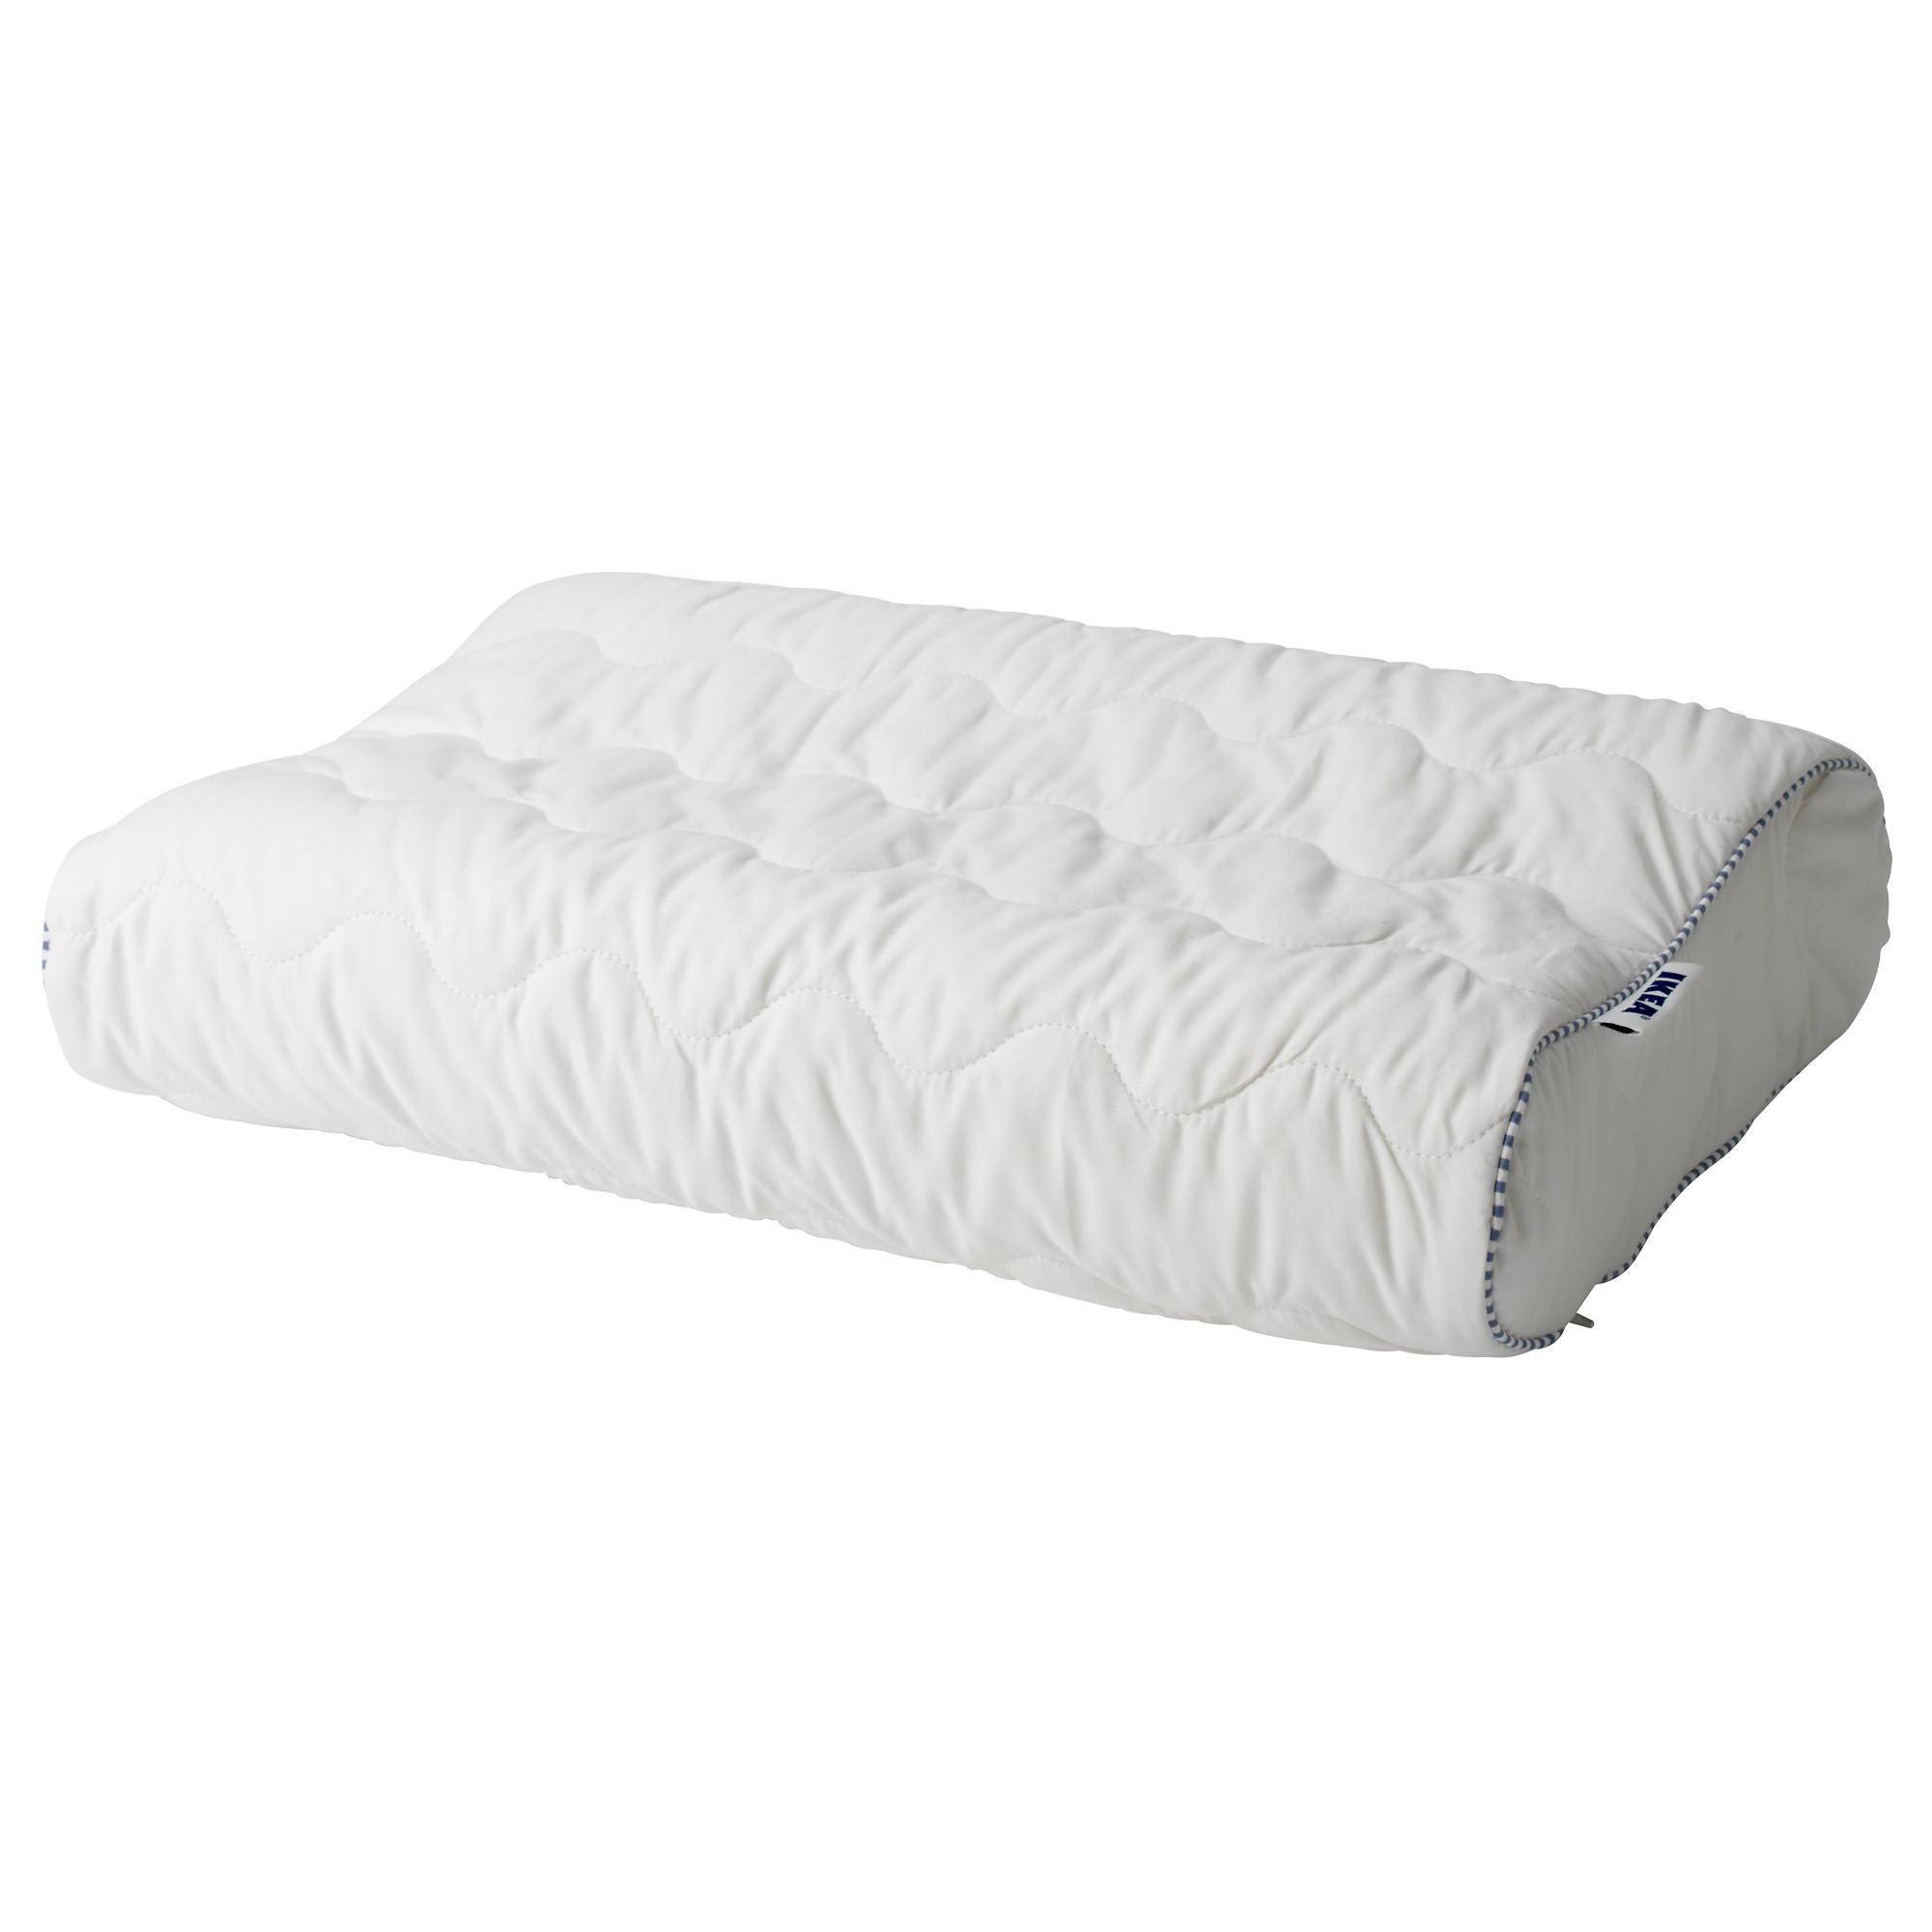 oreiller ikea GOSA HASSEL Pillow, side sleeper   IKEA | Shoplinkz, Beds  oreiller ikea